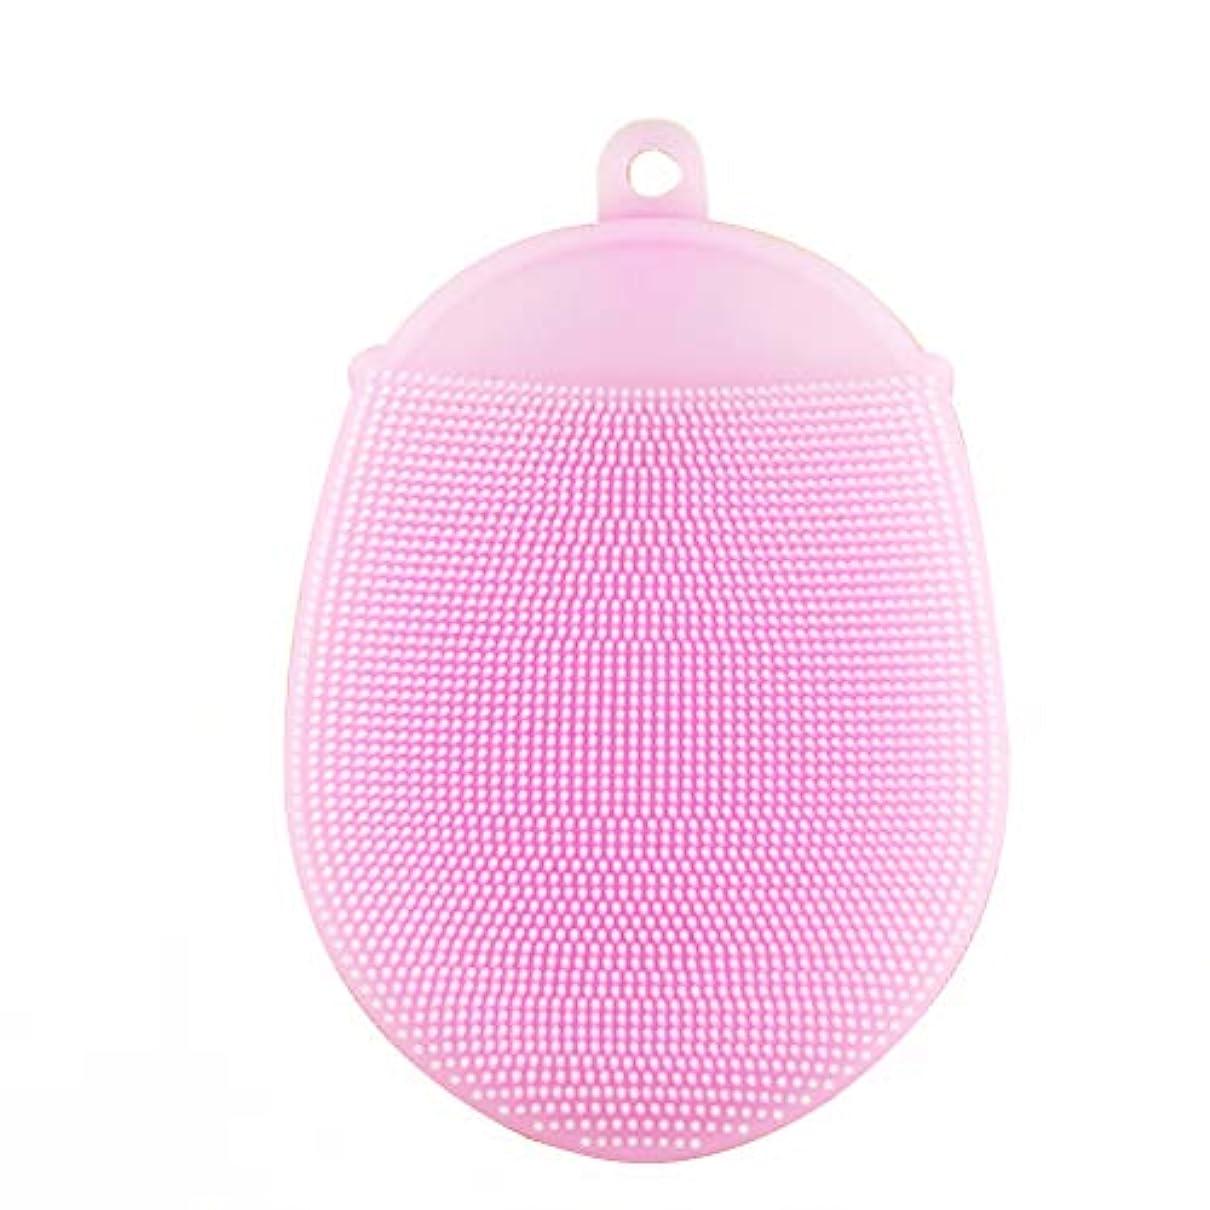 マイクロ地獄精通したSUPVOX 2本シリコンバスブラシボディバックブラシシャワースクラバーフェイシャルクレンジングパッド(ピンク)